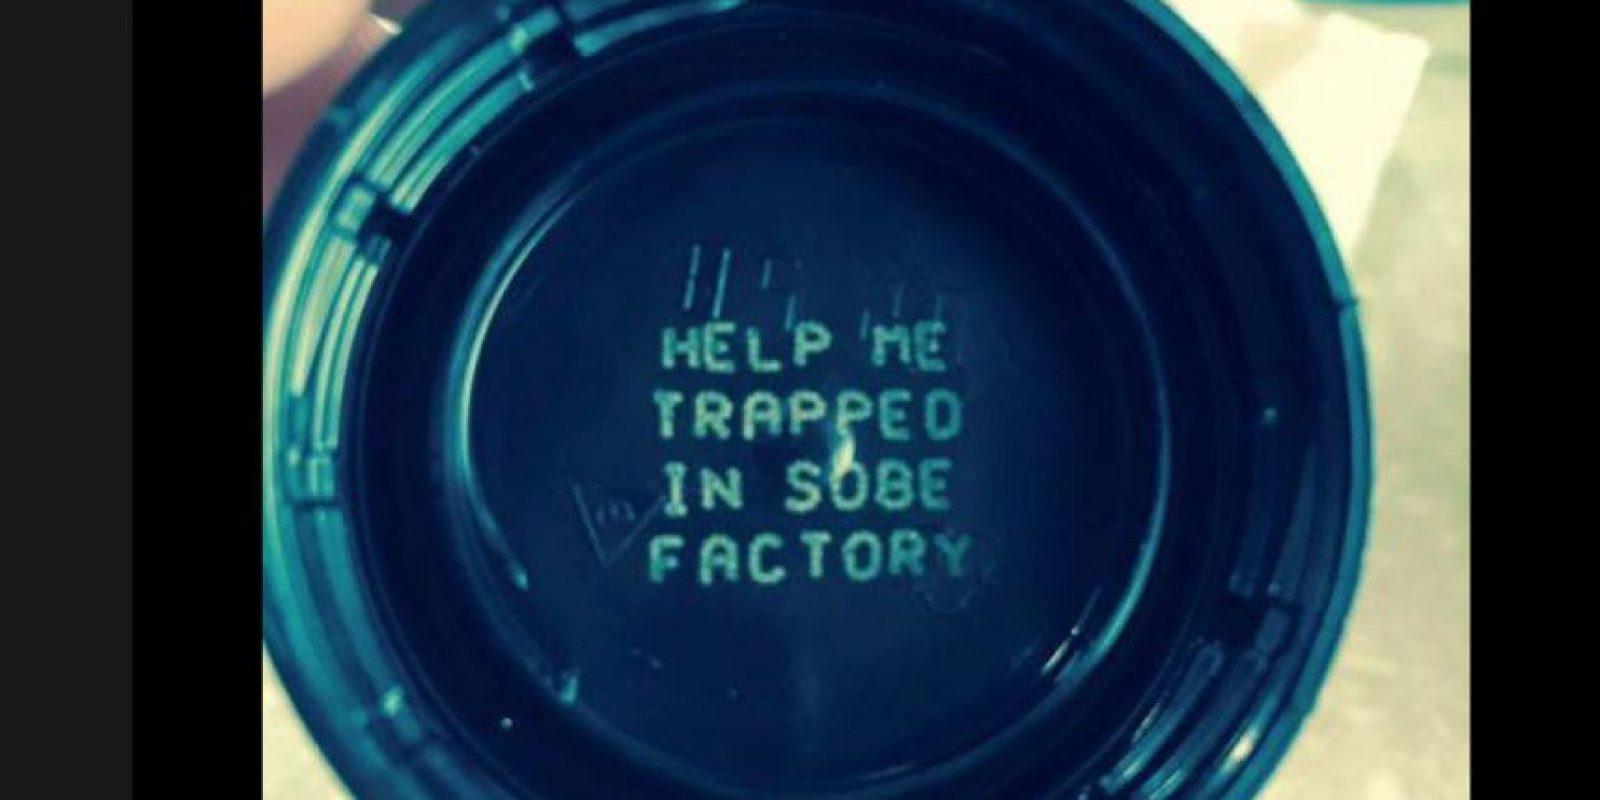 """""""Ayúdame estoy atrapad en una fábrica"""", un mensaje que alarmó a muchos consumidores de la marca de refresco SoBe. Foto:Vía facebook.com/ingeniero.valle"""